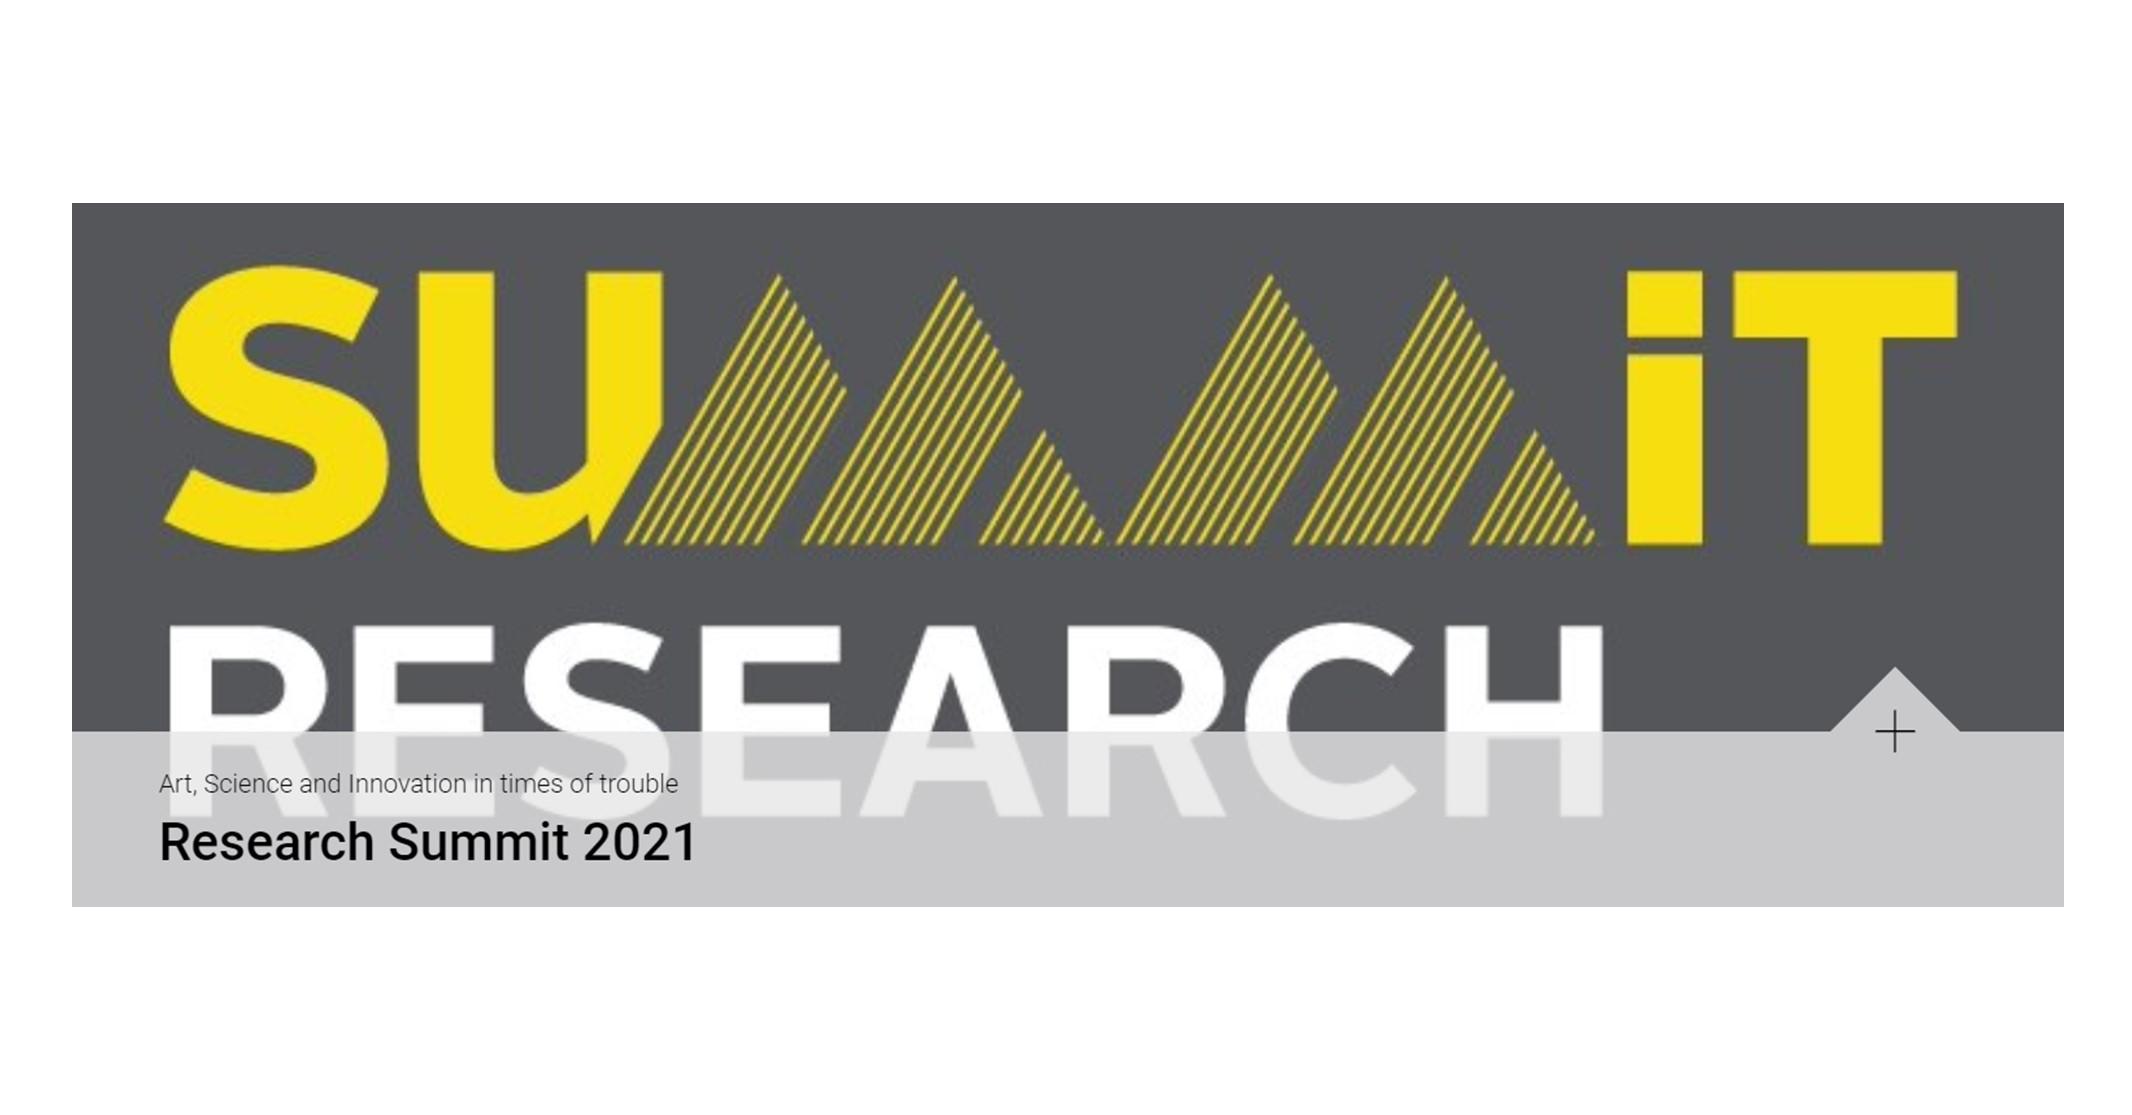 """Research Summit 2021, """"Arte, Ciência e Inovação em tempos de crise"""""""